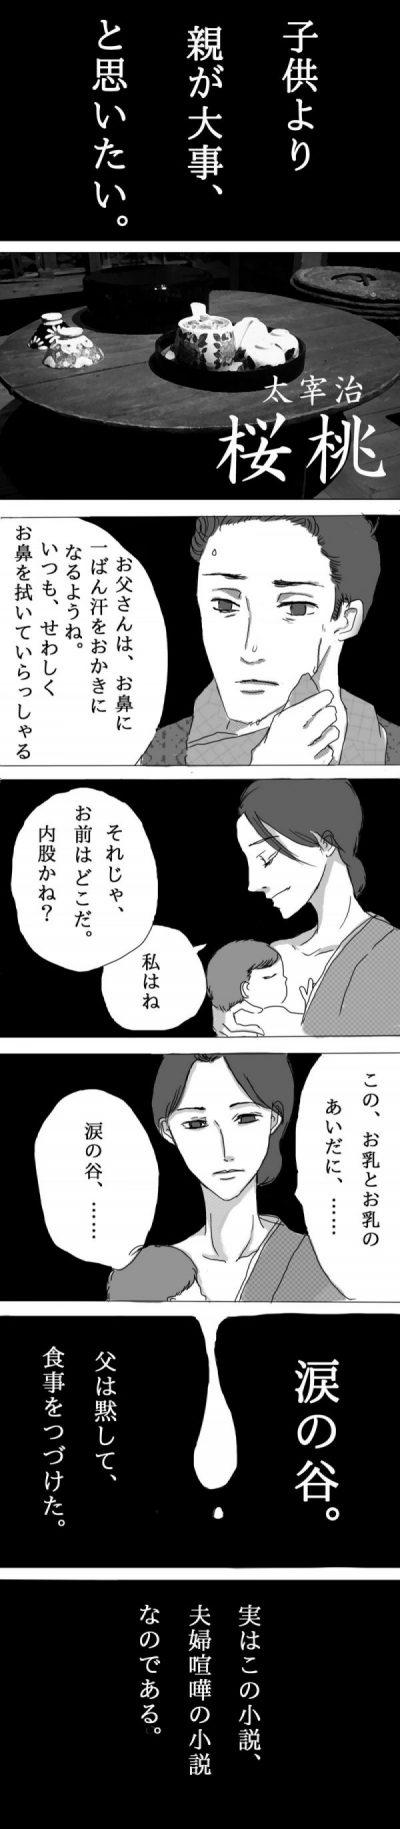 太宰治『桜桃』のあらすじマンガ